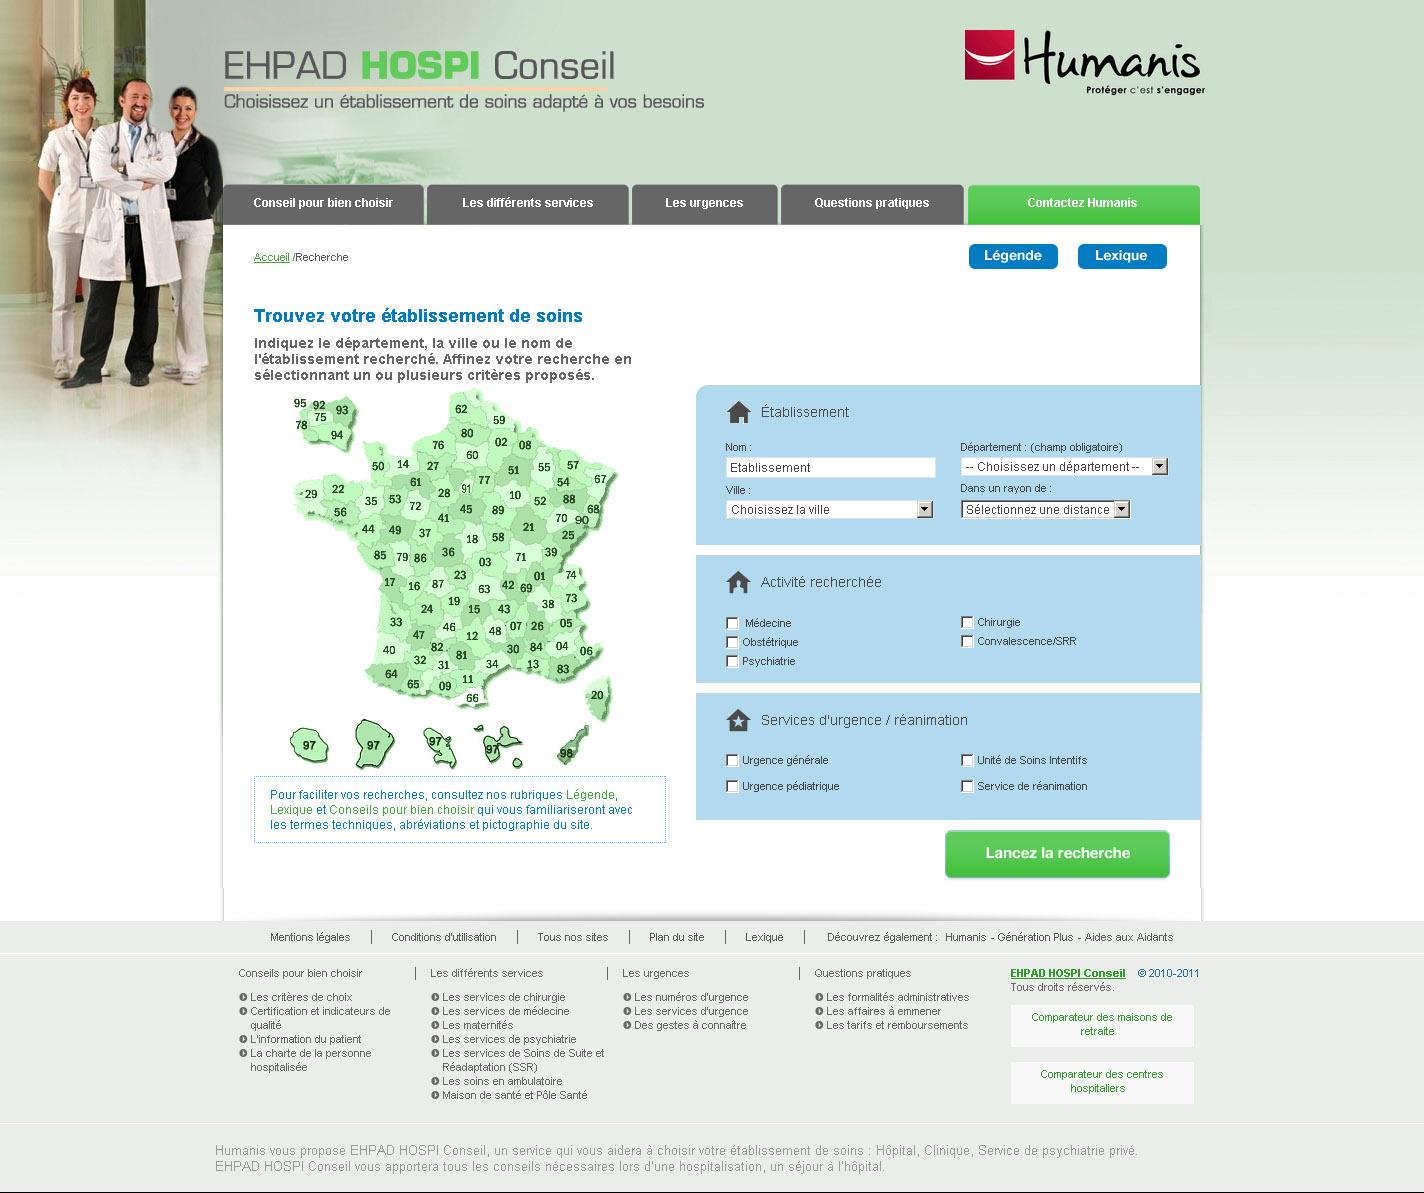 Comparateur d'hôpitaux - Accueil